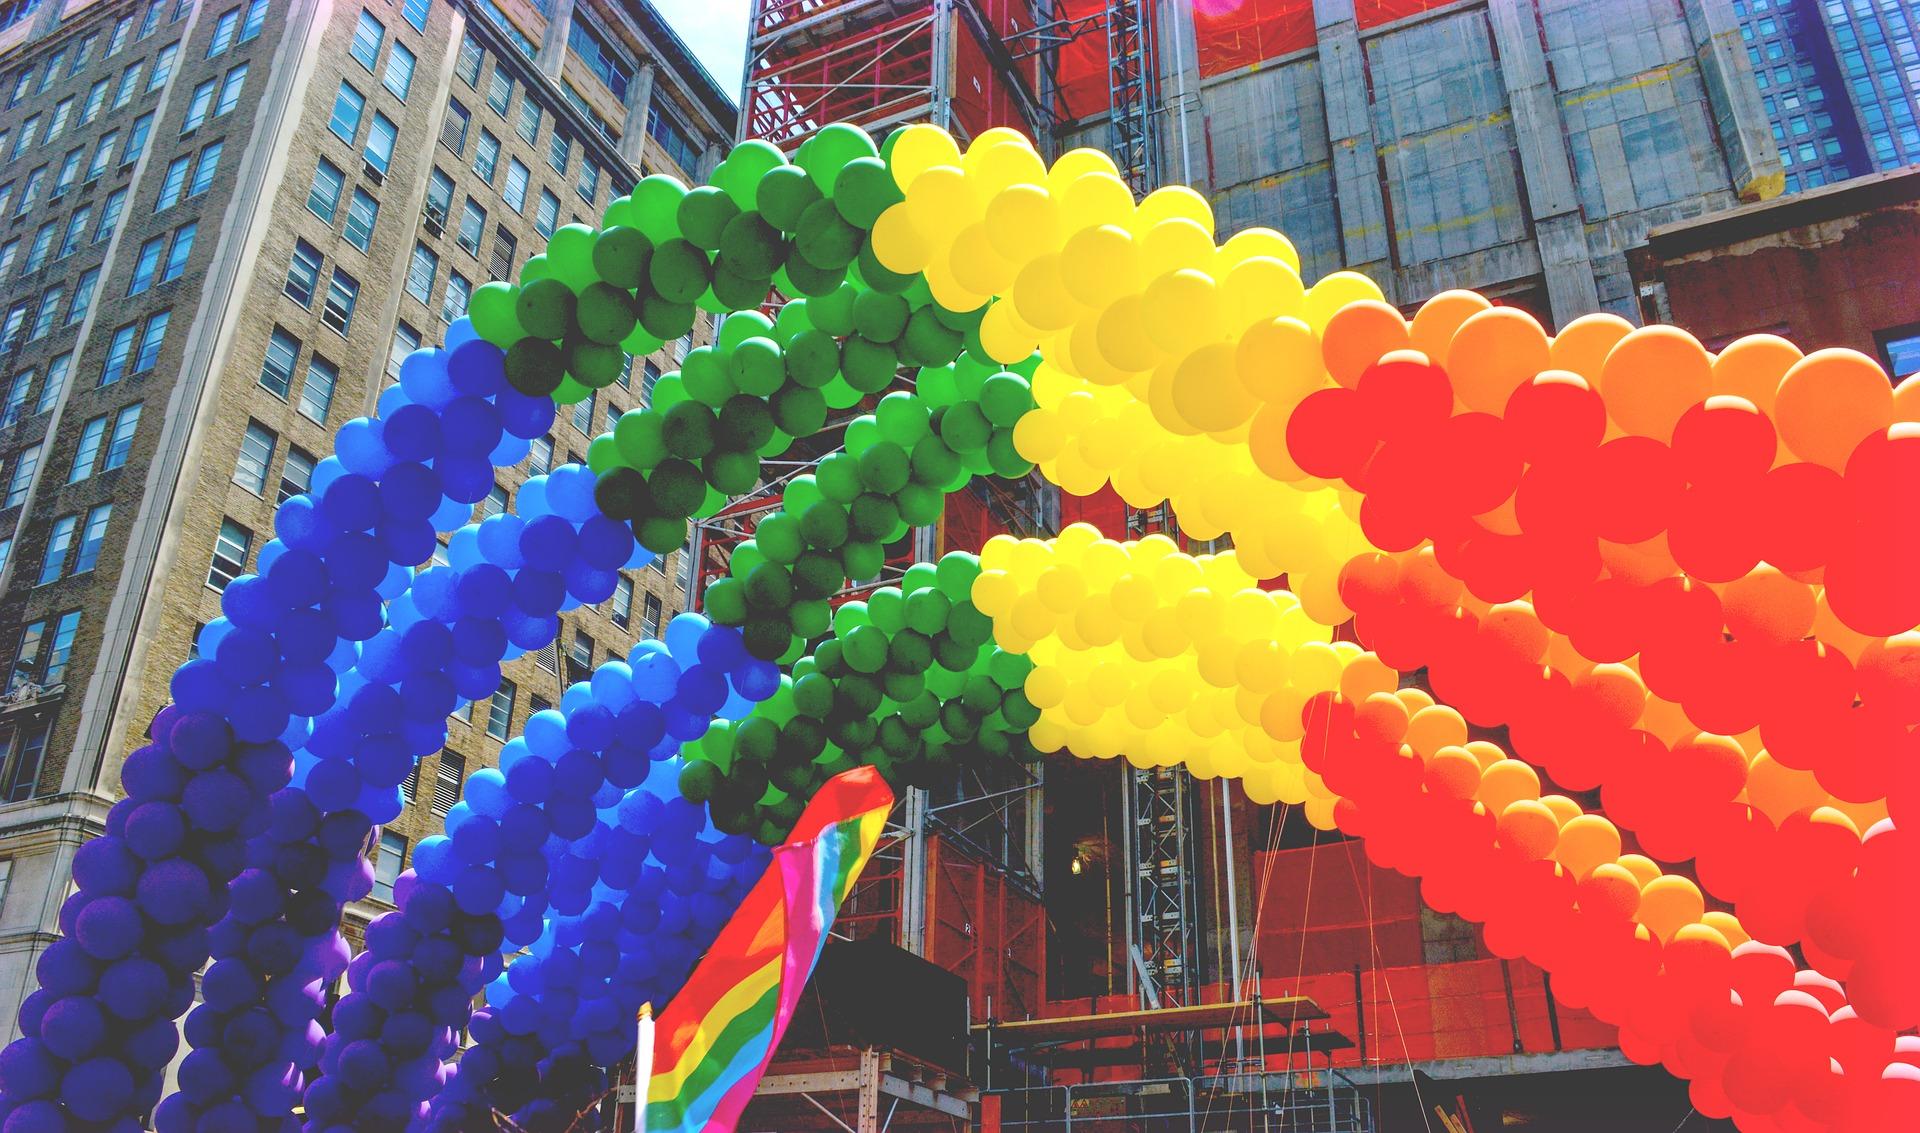 結婚の自由をすべての人へ。同性婚を支援する弁護士・寺原真希子さんの「非当事者だからこその、熱意」。